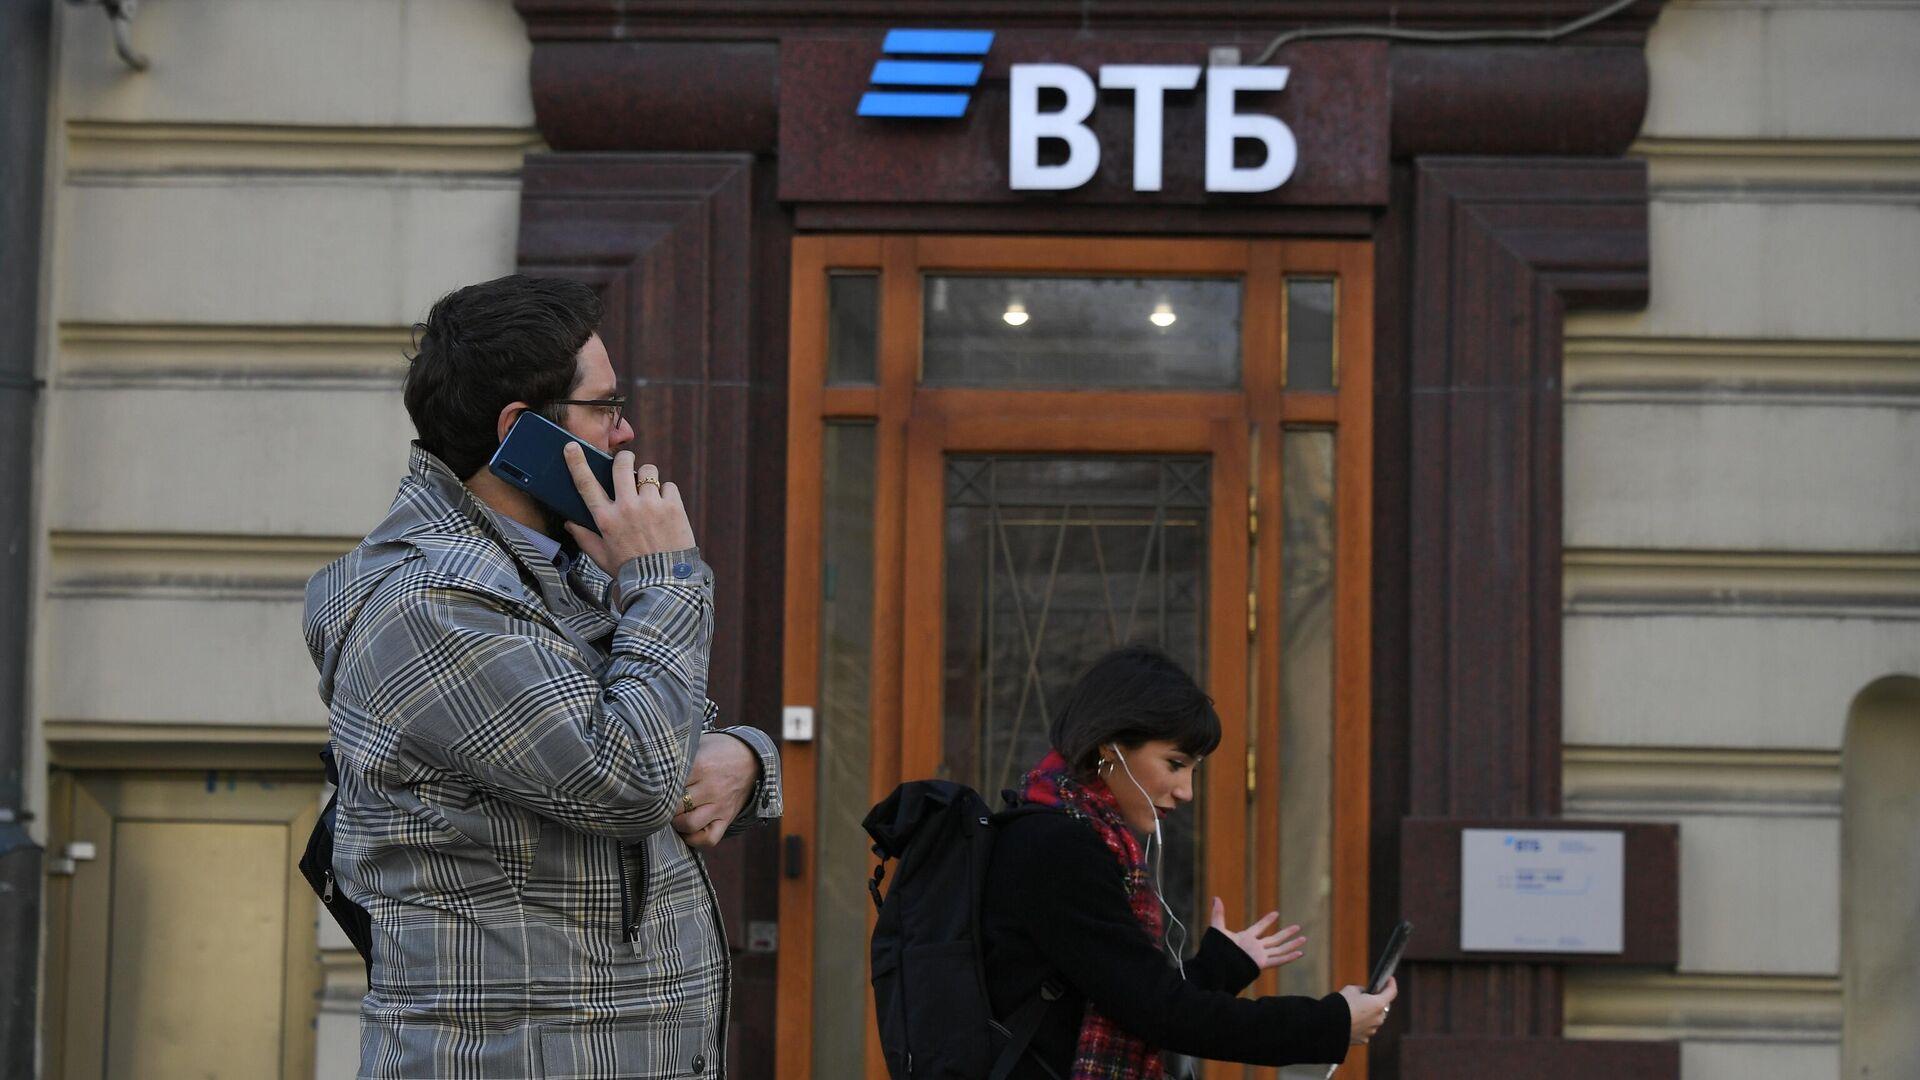 Прохожие у отделения банка ВТБ на одной из улиц в Москве - РИА Новости, 1920, 02.12.2020